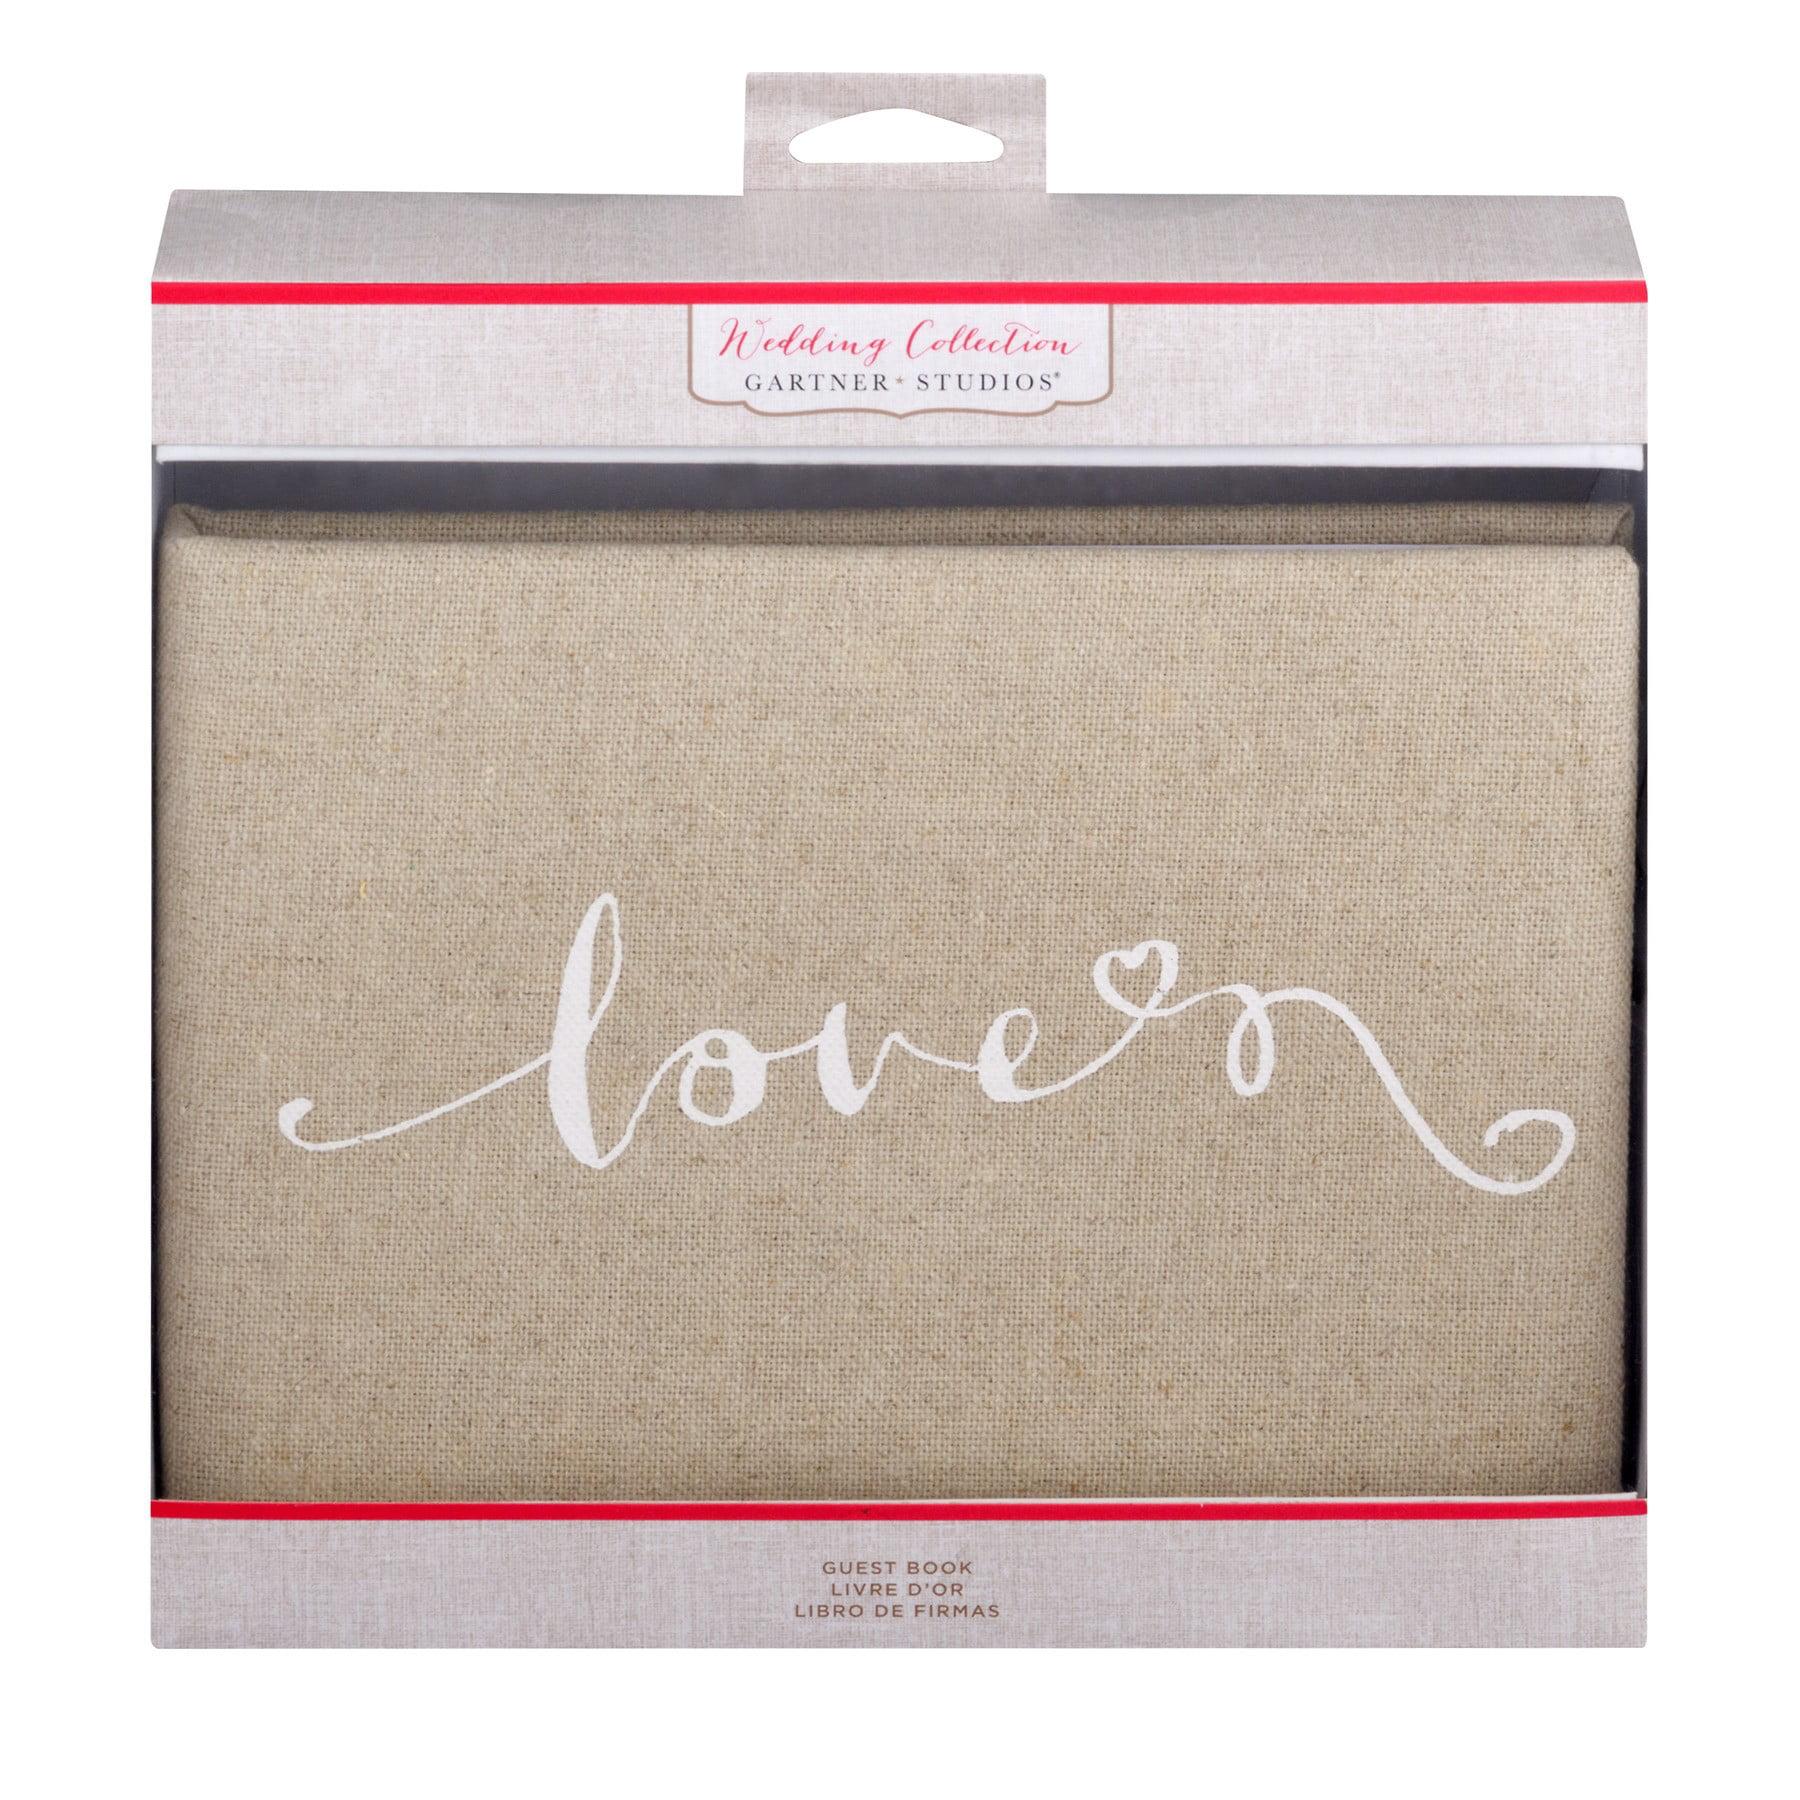 Gartner Studios Wedding Collection Guest Book, 1.0 CT